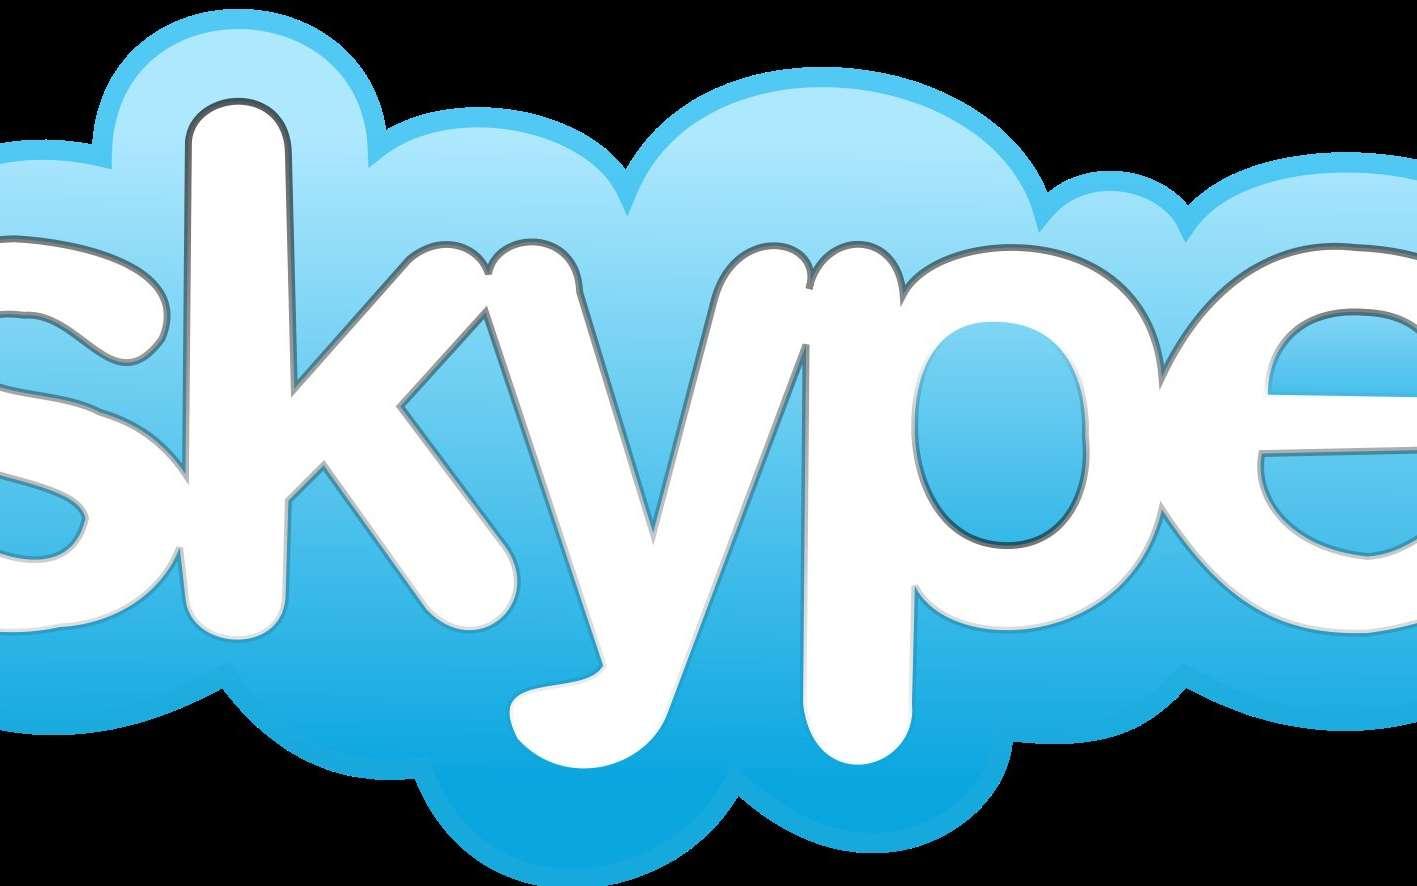 Des millions de téléphones Skype ont sonné « occupé » pendant deux jours. Le coupable n'est ni un virus informatique ni la neige... © Skype